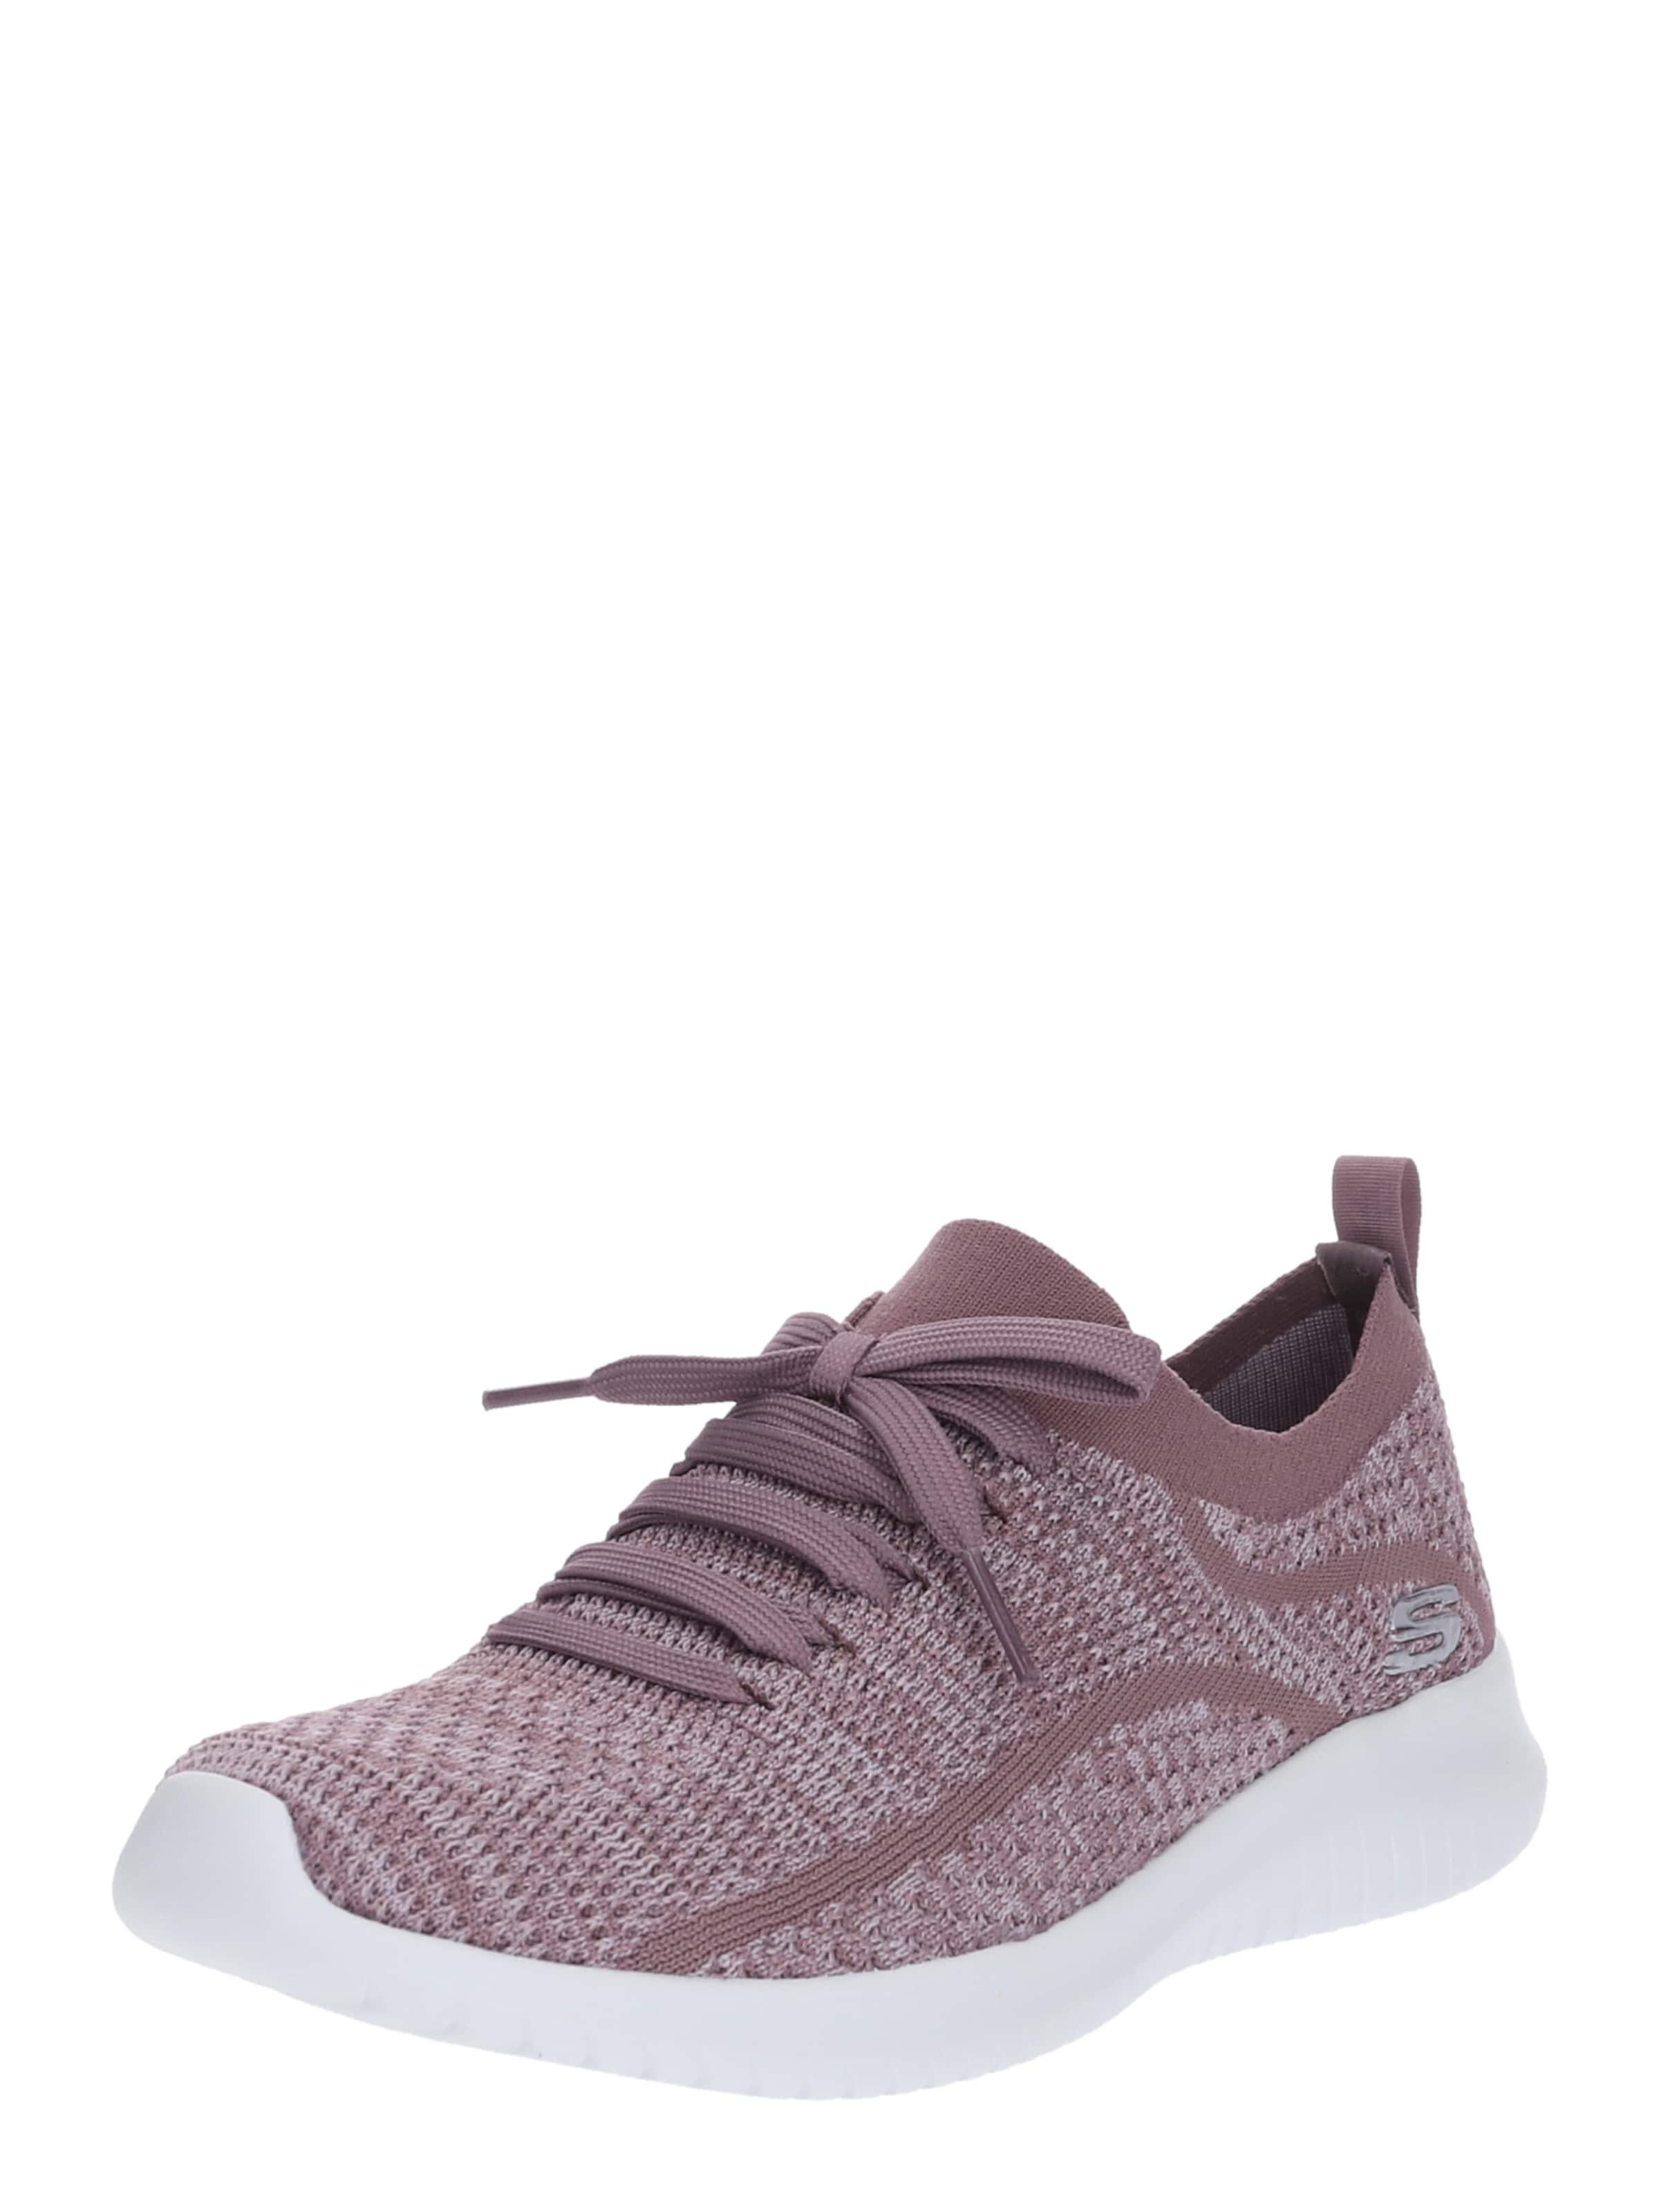 In Skechers Sneaker Sneaker Skechers FliederBeere Skechers Sneaker FliederBeere In m0PyvO8nwN